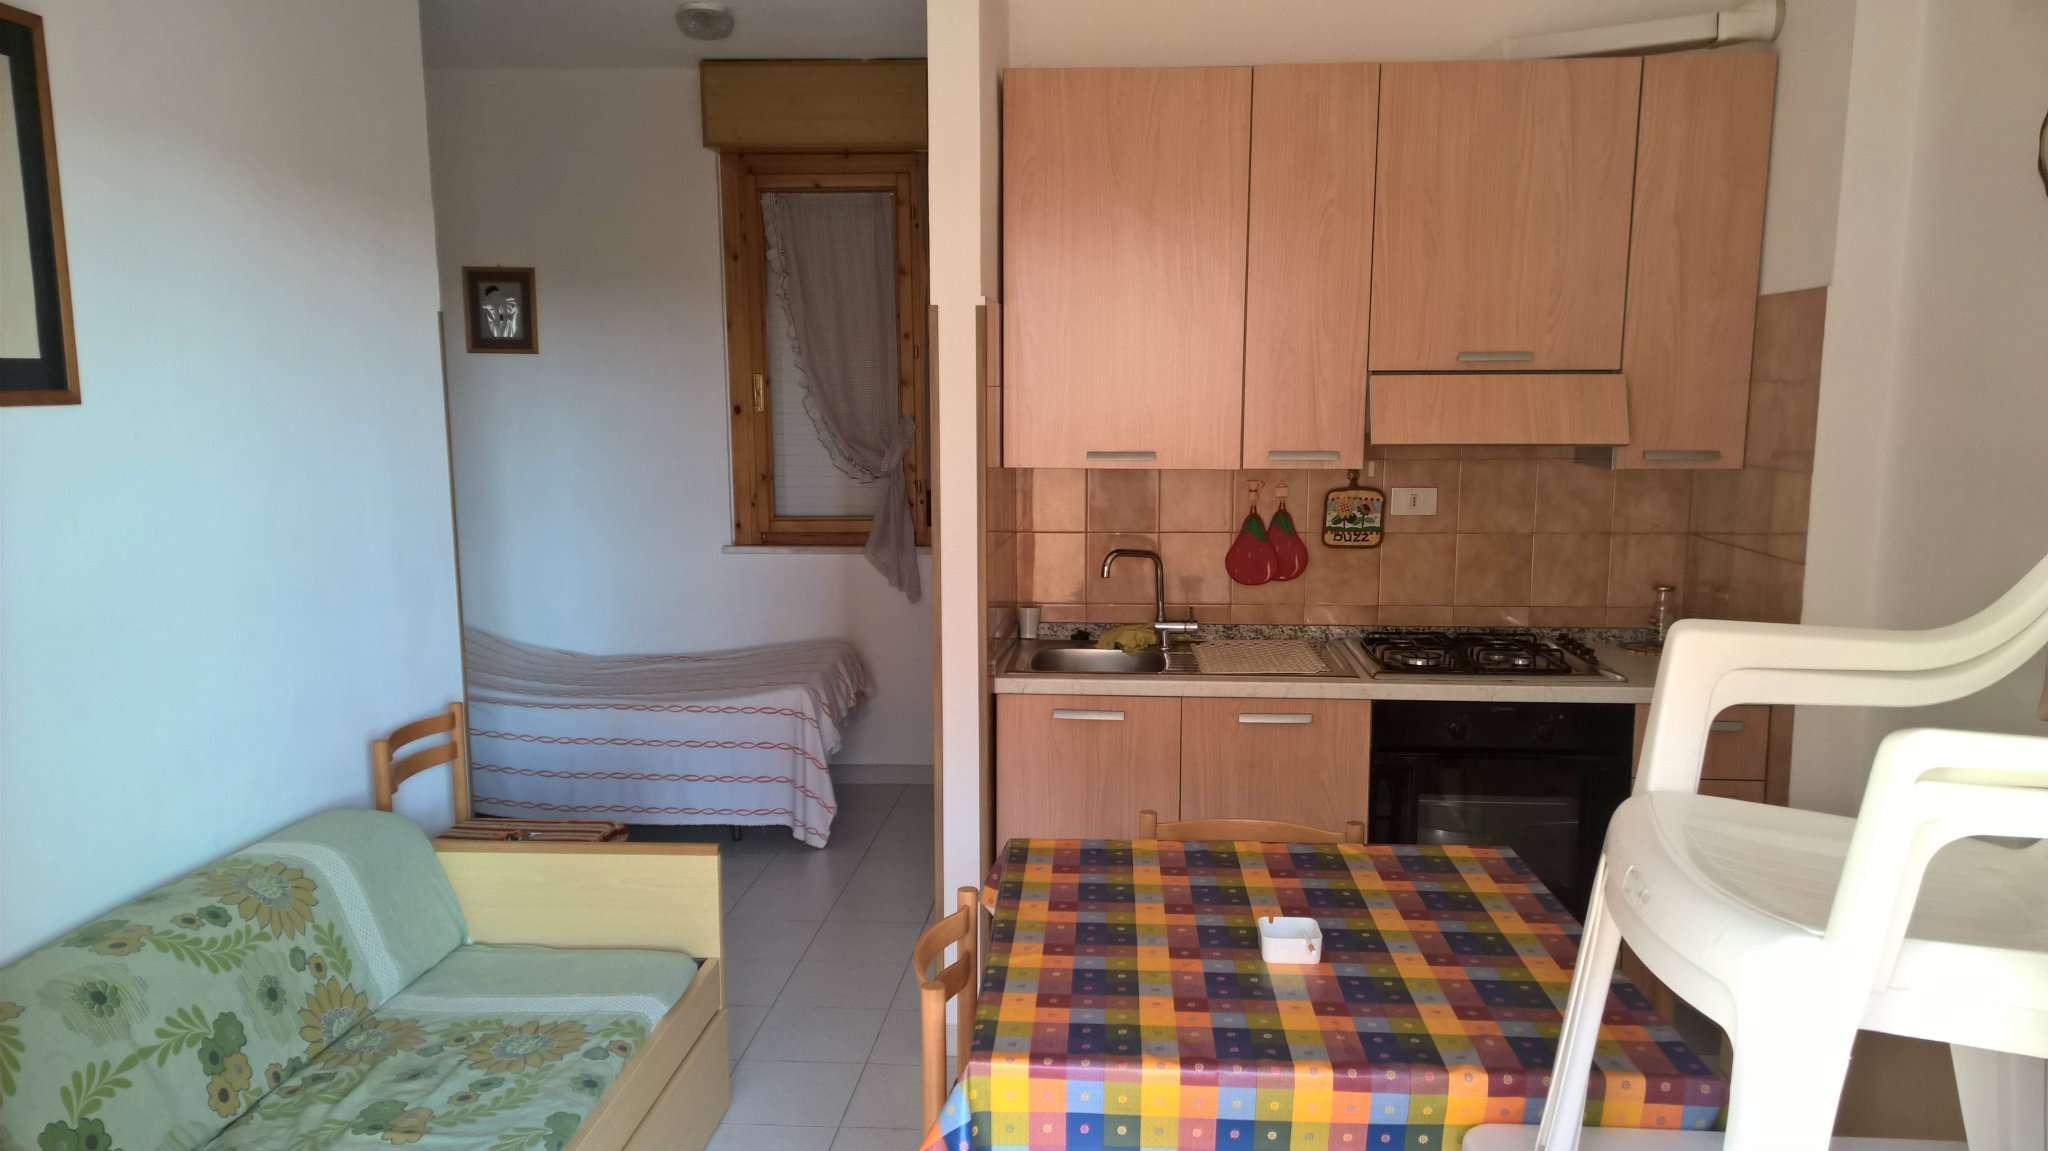 Appartamento in affitto a Fermo, 2 locali, prezzo € 300 | CambioCasa.it